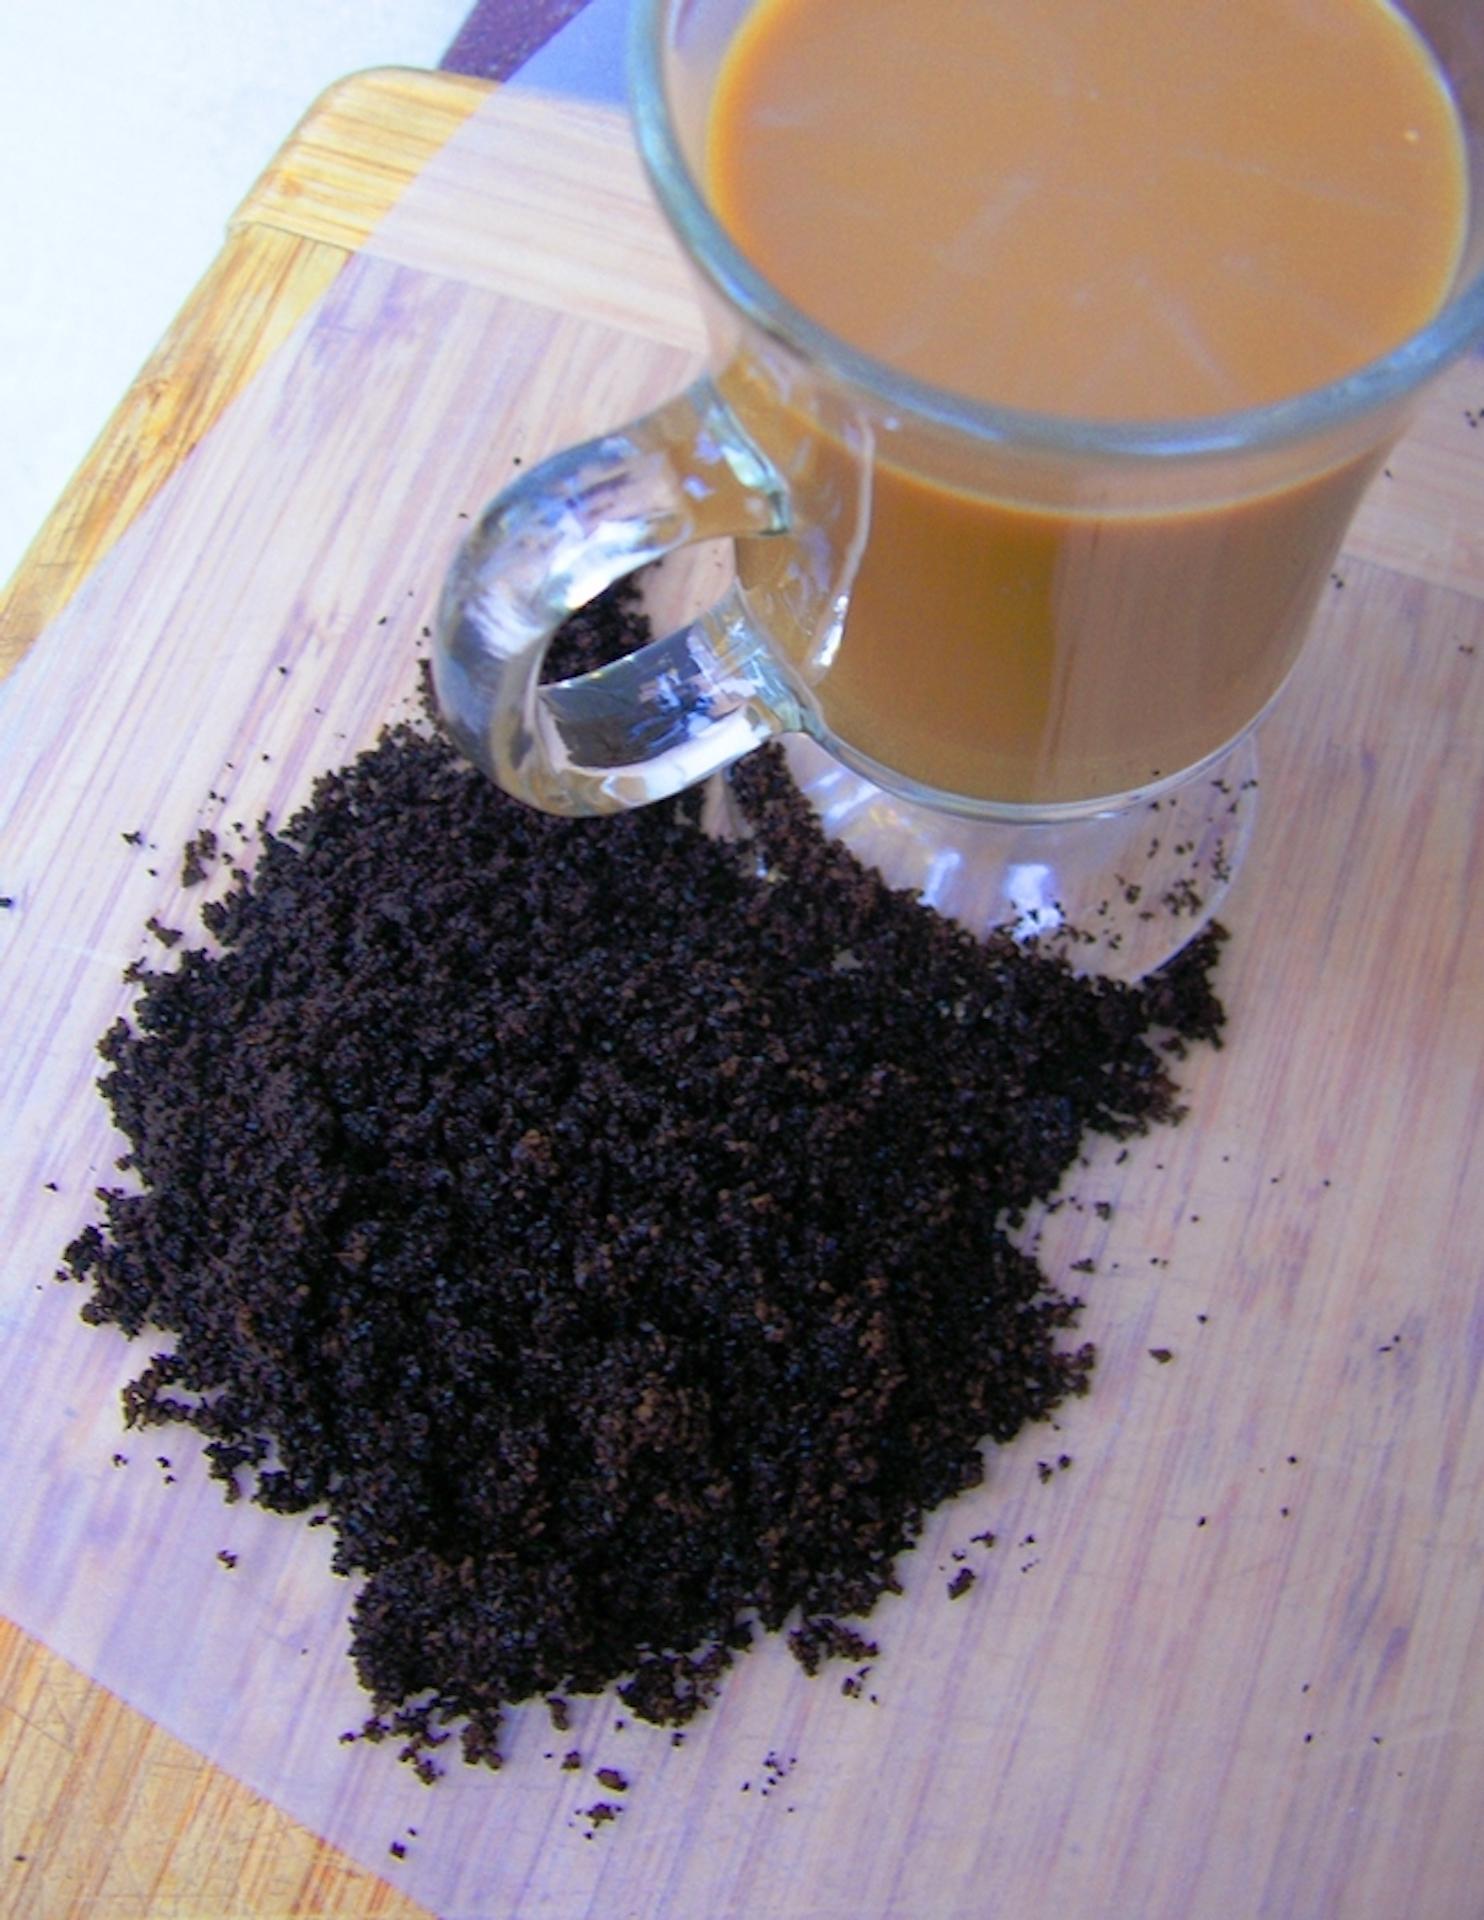 Tasse de café avec du marc de café.